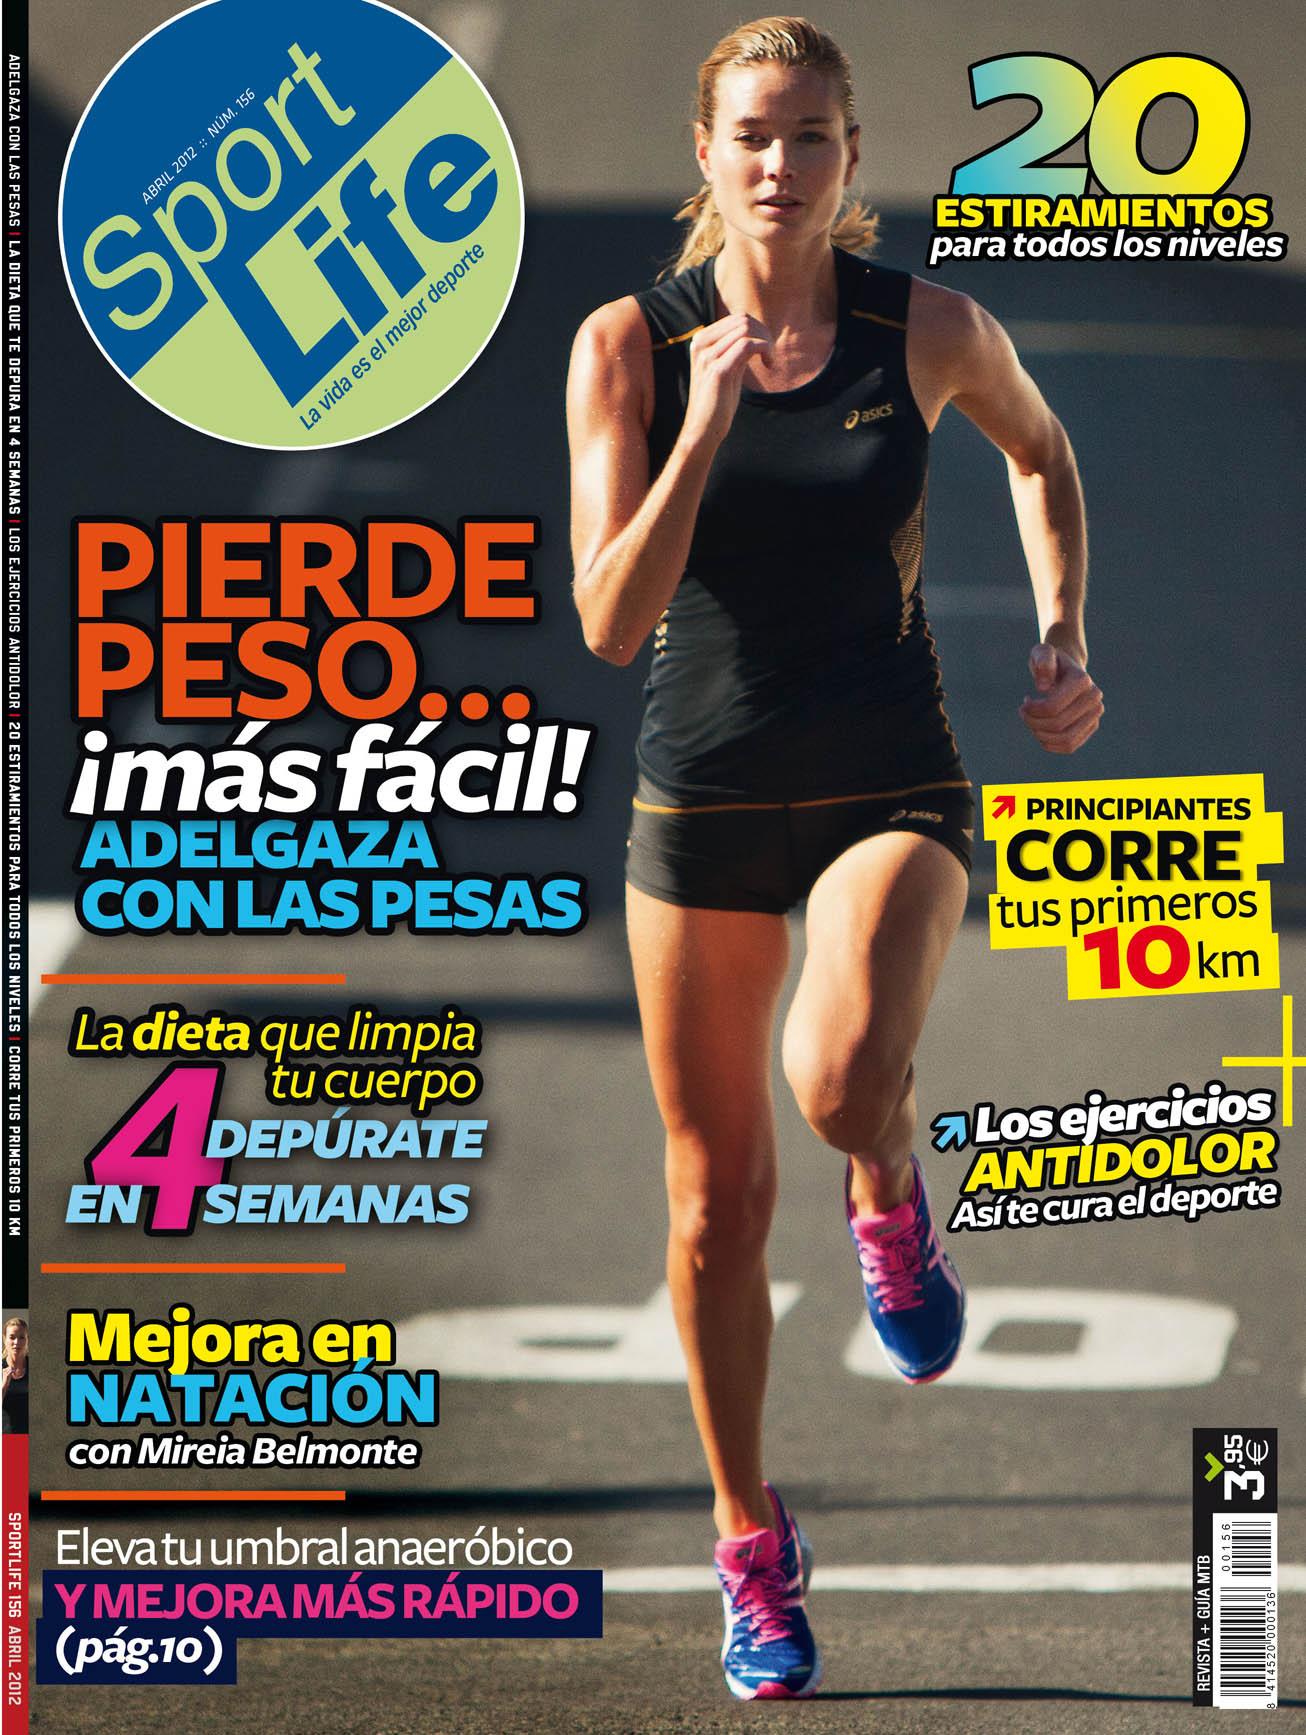 Sumario Sport Life 156 abril 2012